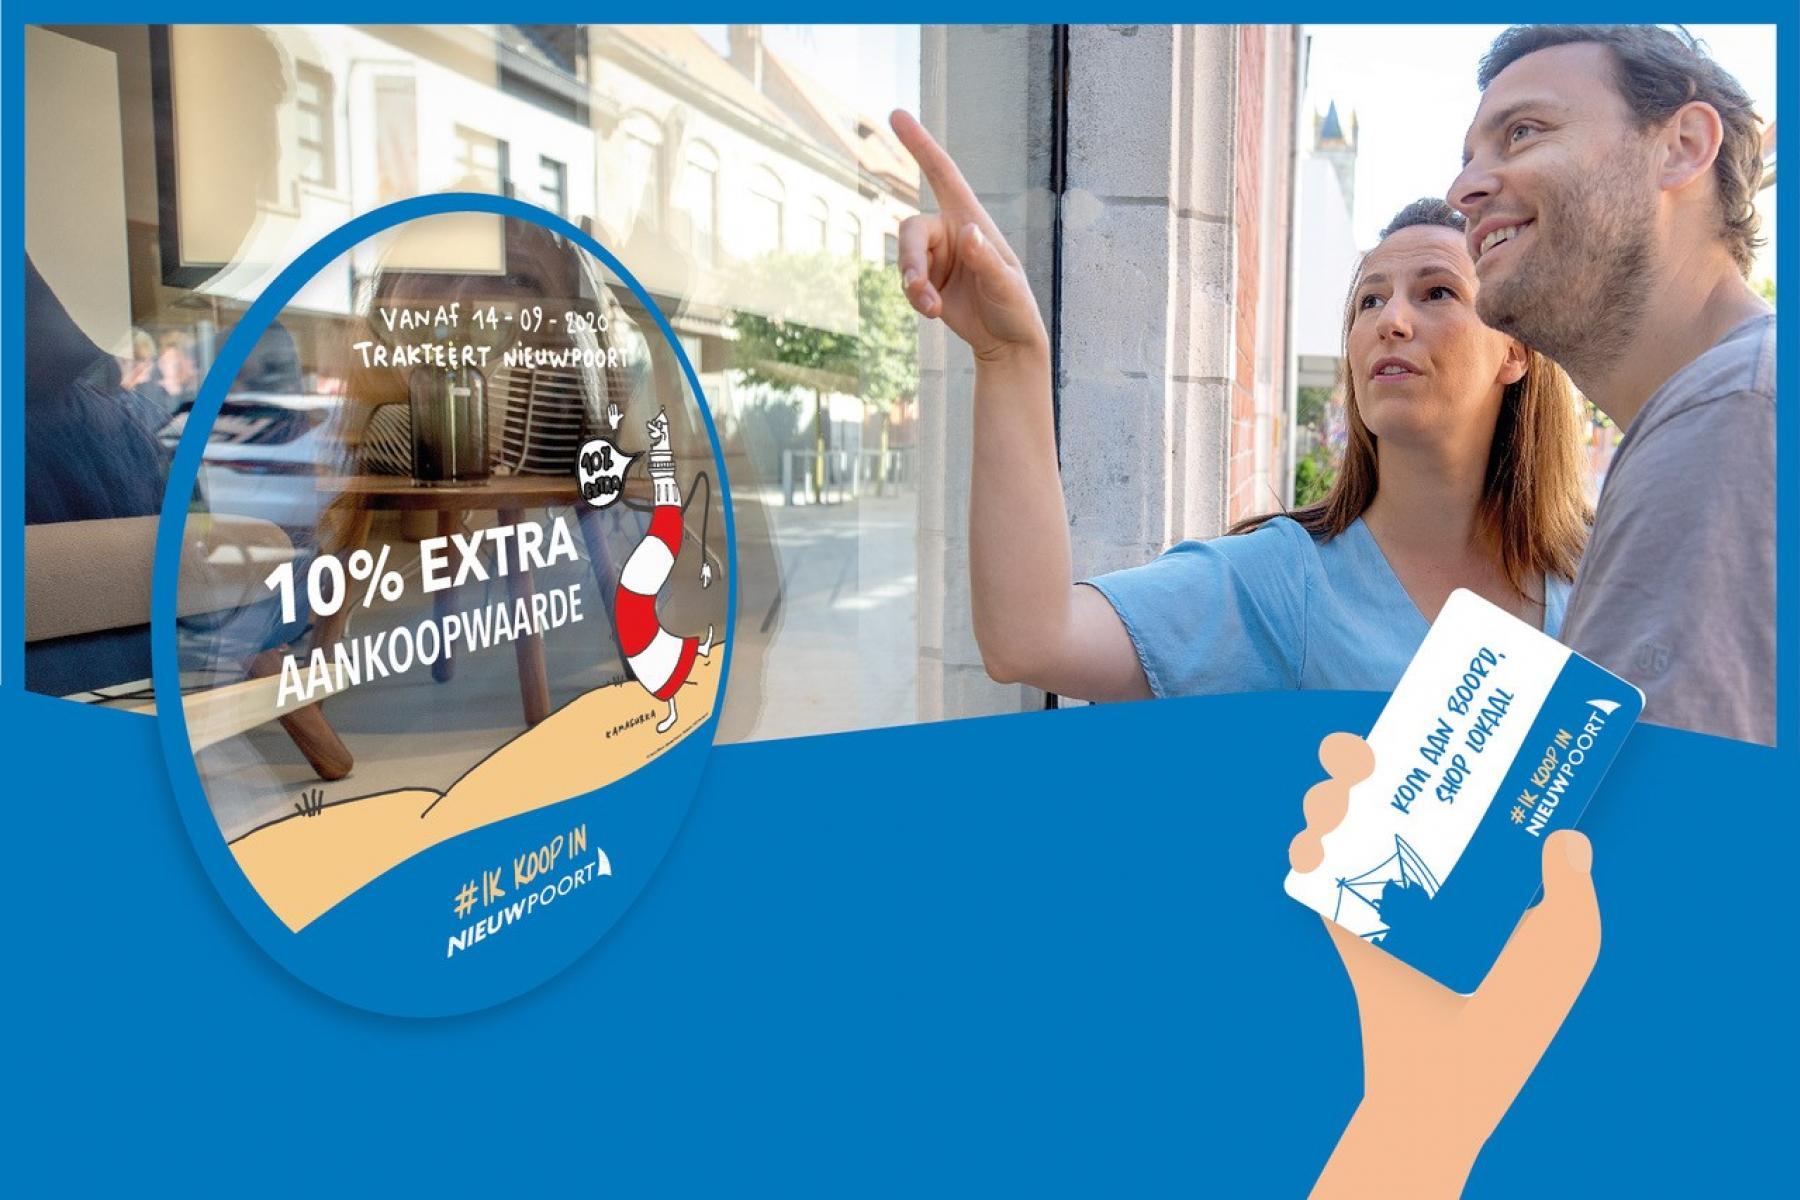 Ik koop in Nieuwpoort - deelnemers 10 % meer koopkracht actie